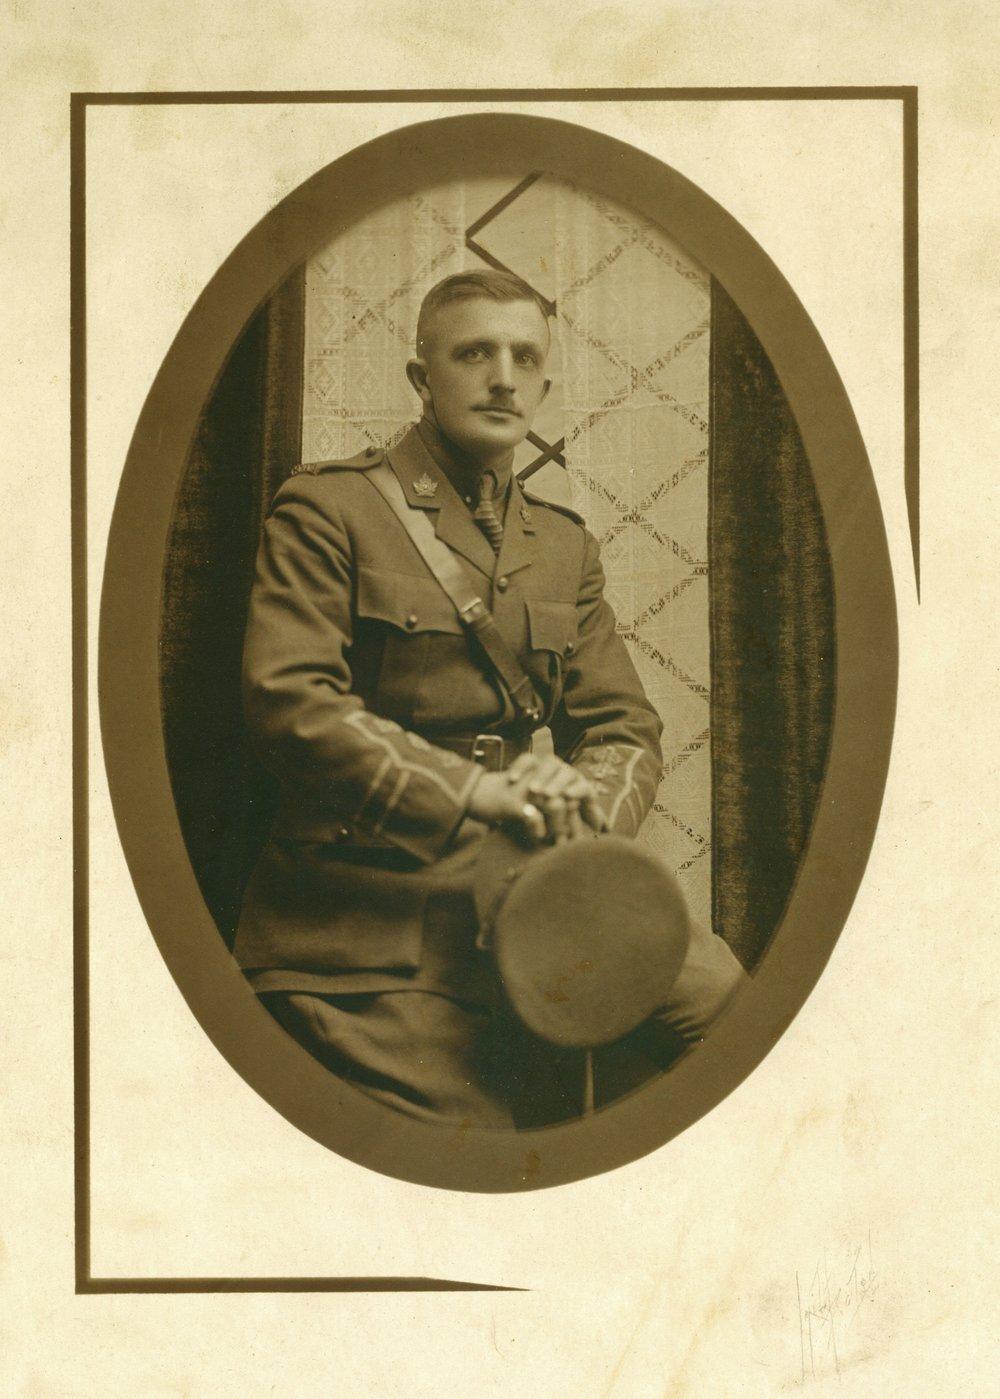 Edward M. Gladney